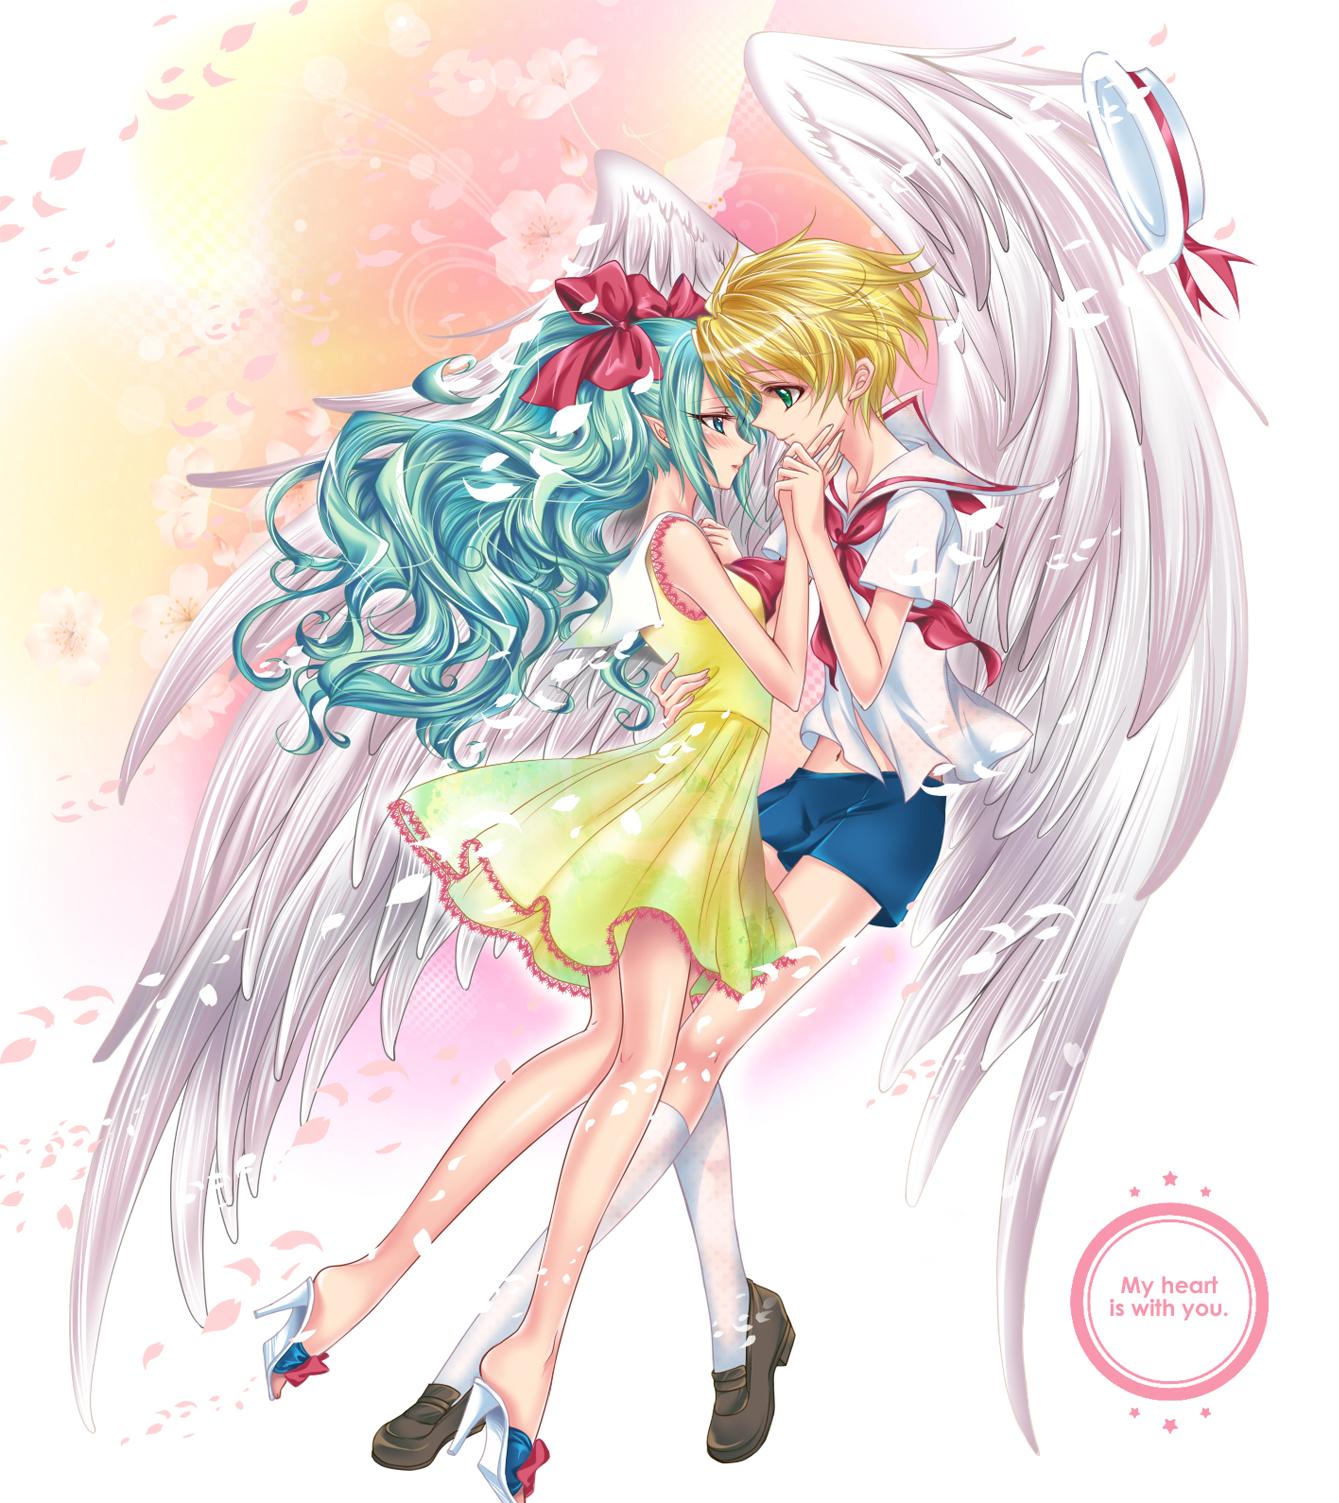 Mermaid Melody Pichi Pichi Pitch  Hanamori Pink  Image 1308431